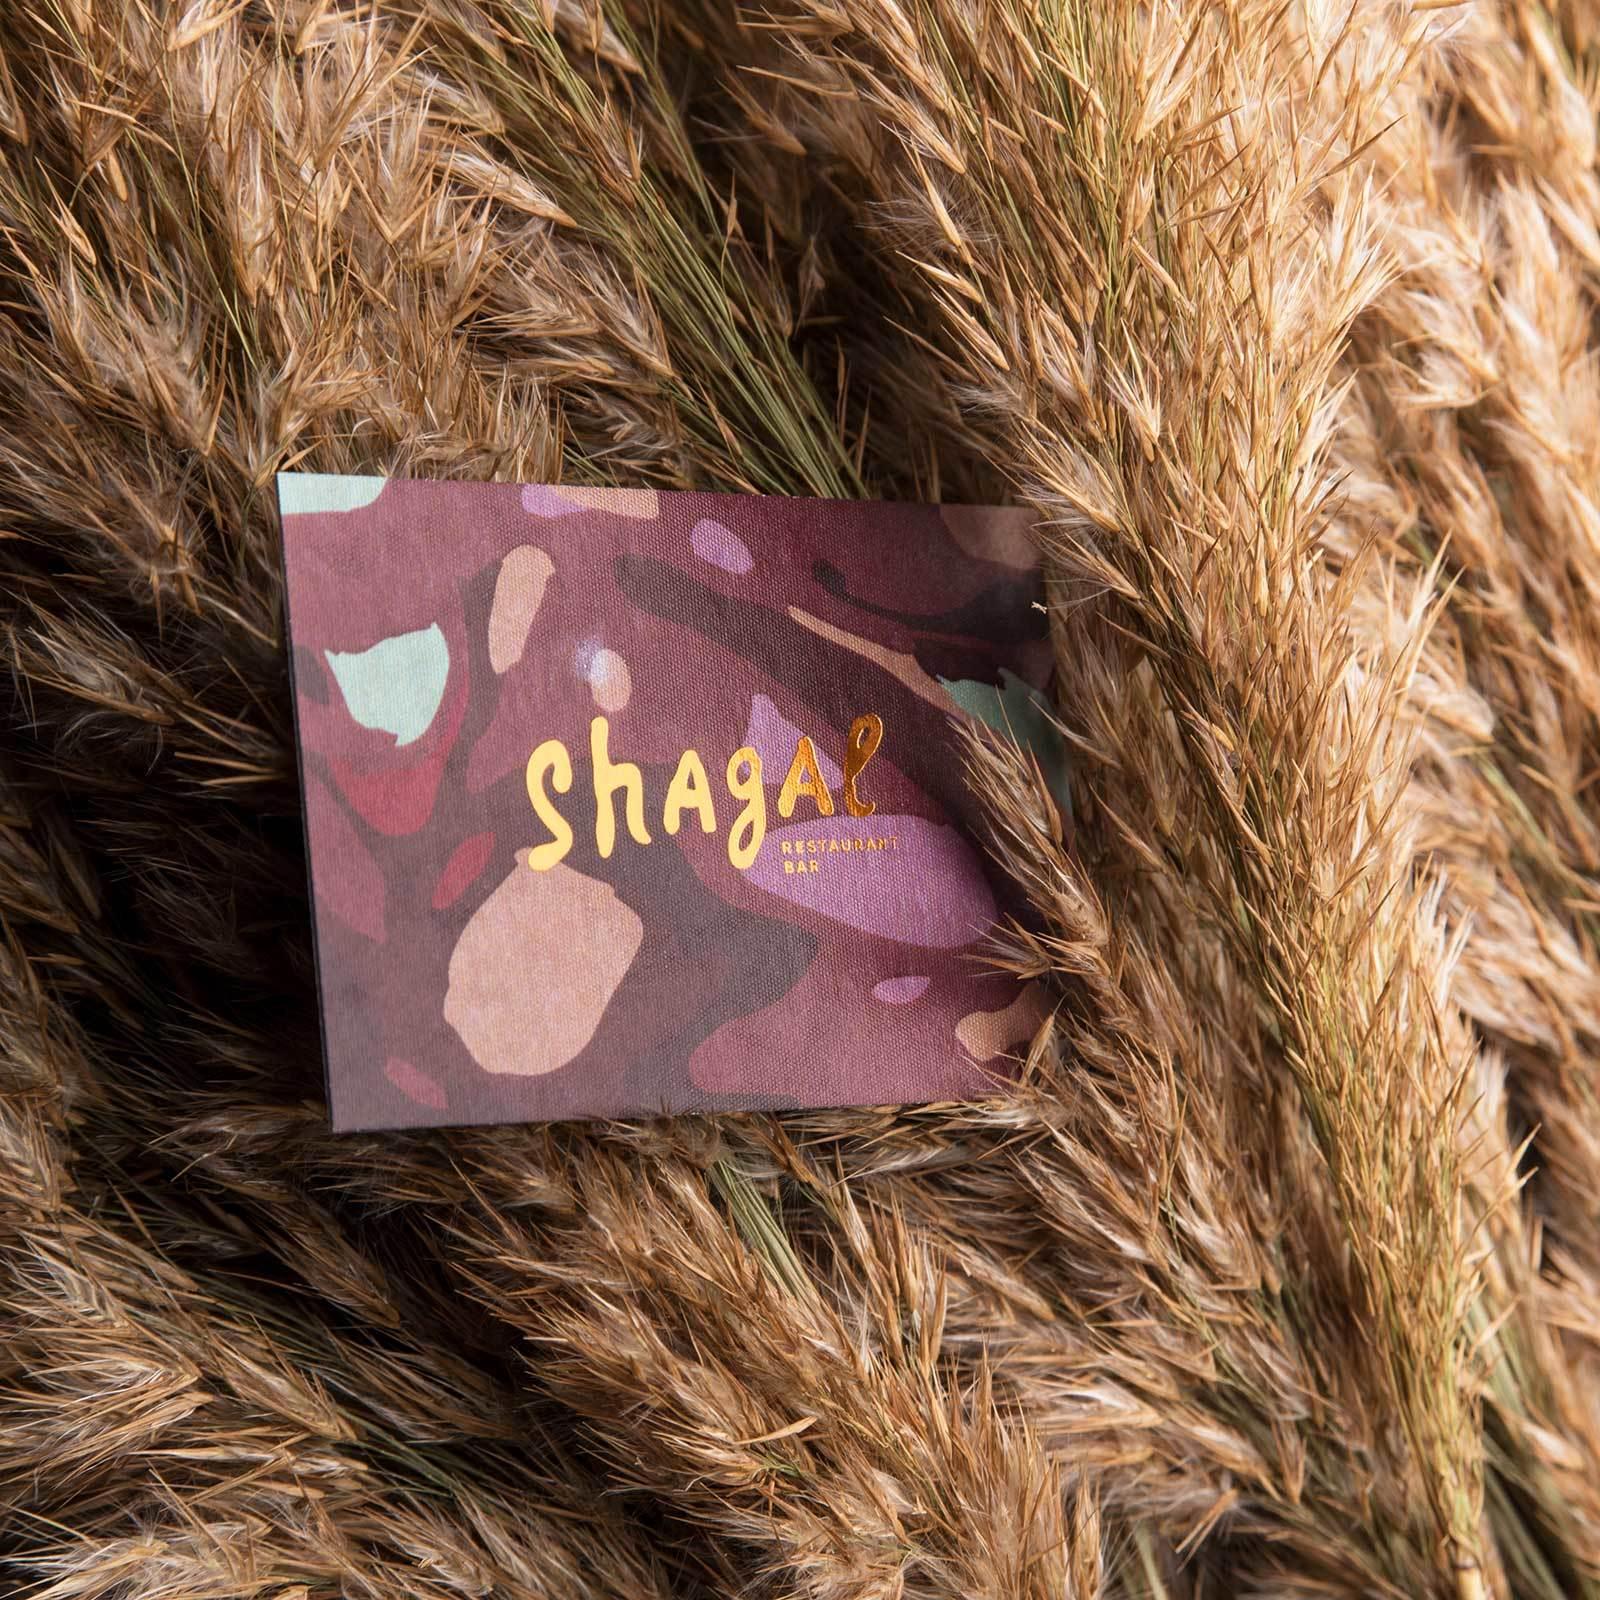 Визитная карточка ресторана Shagal Москва Таганская